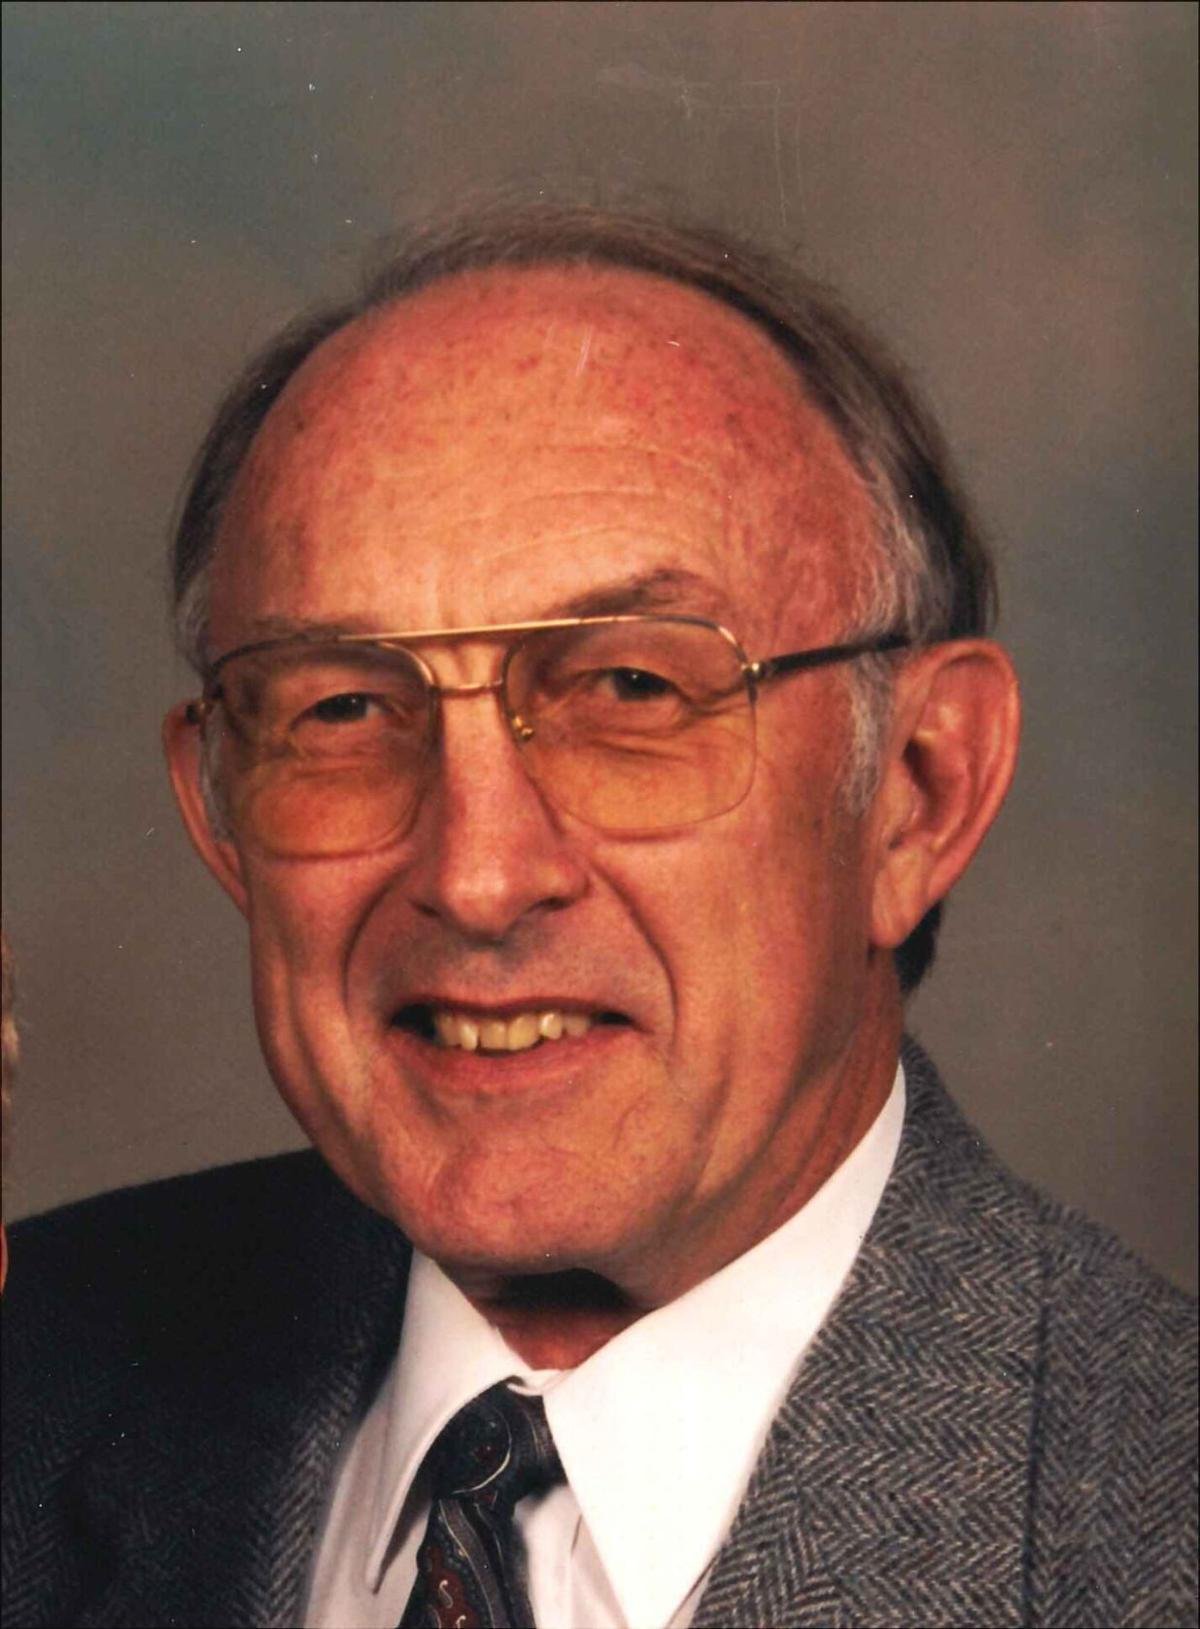 Leon Schutte